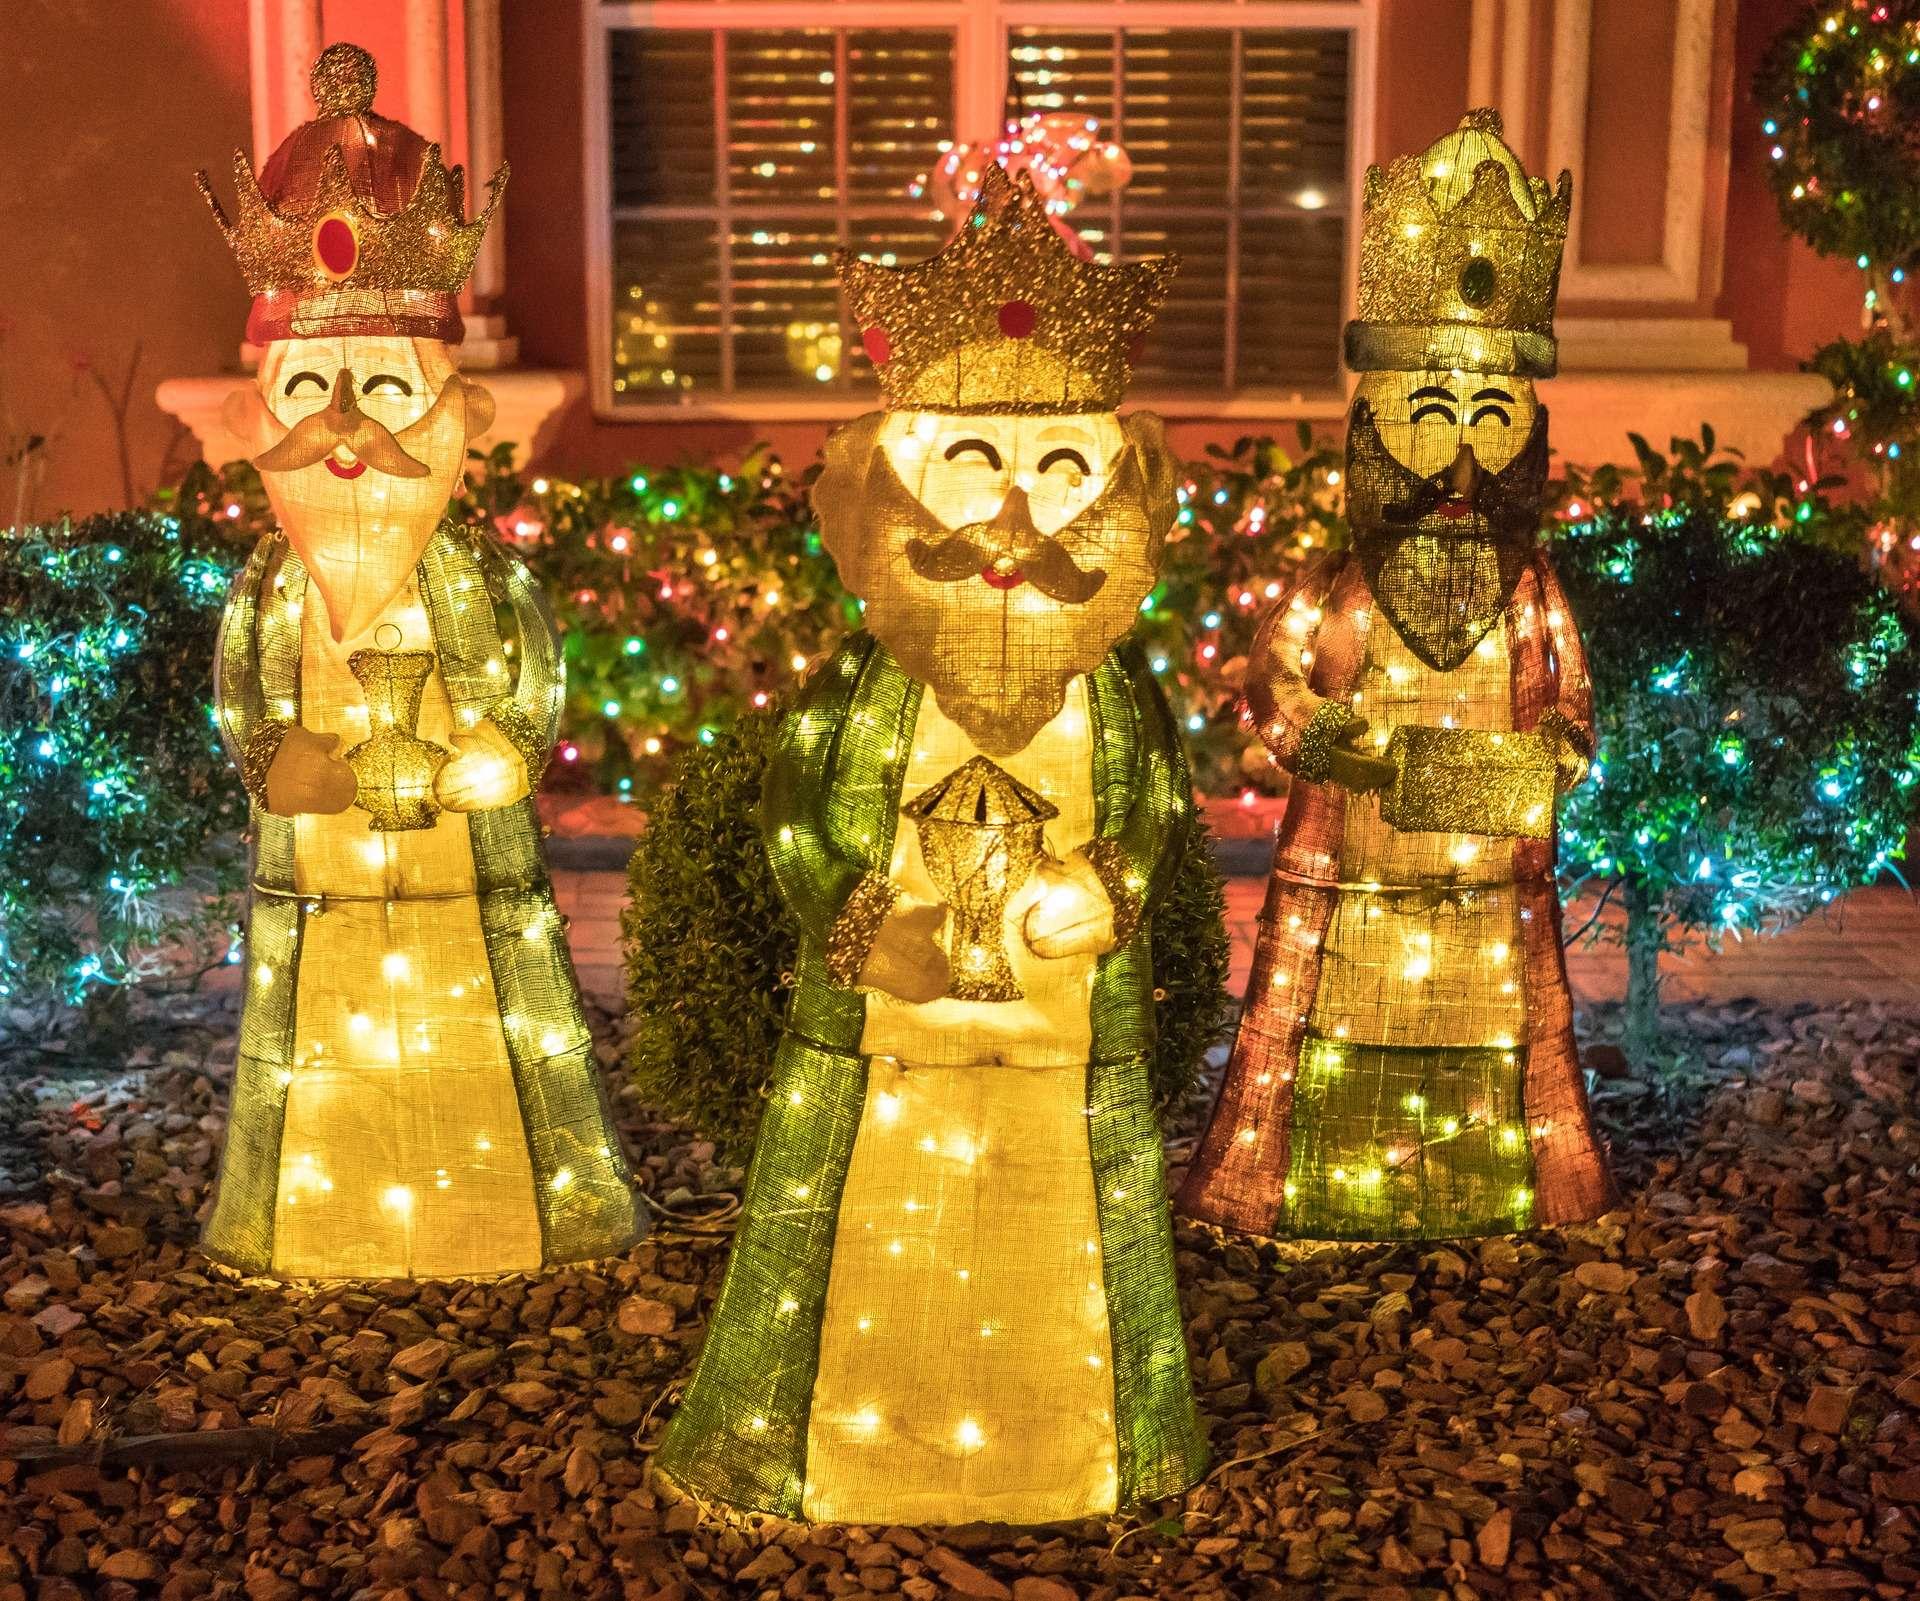 Papa Noel y Reyes Magos